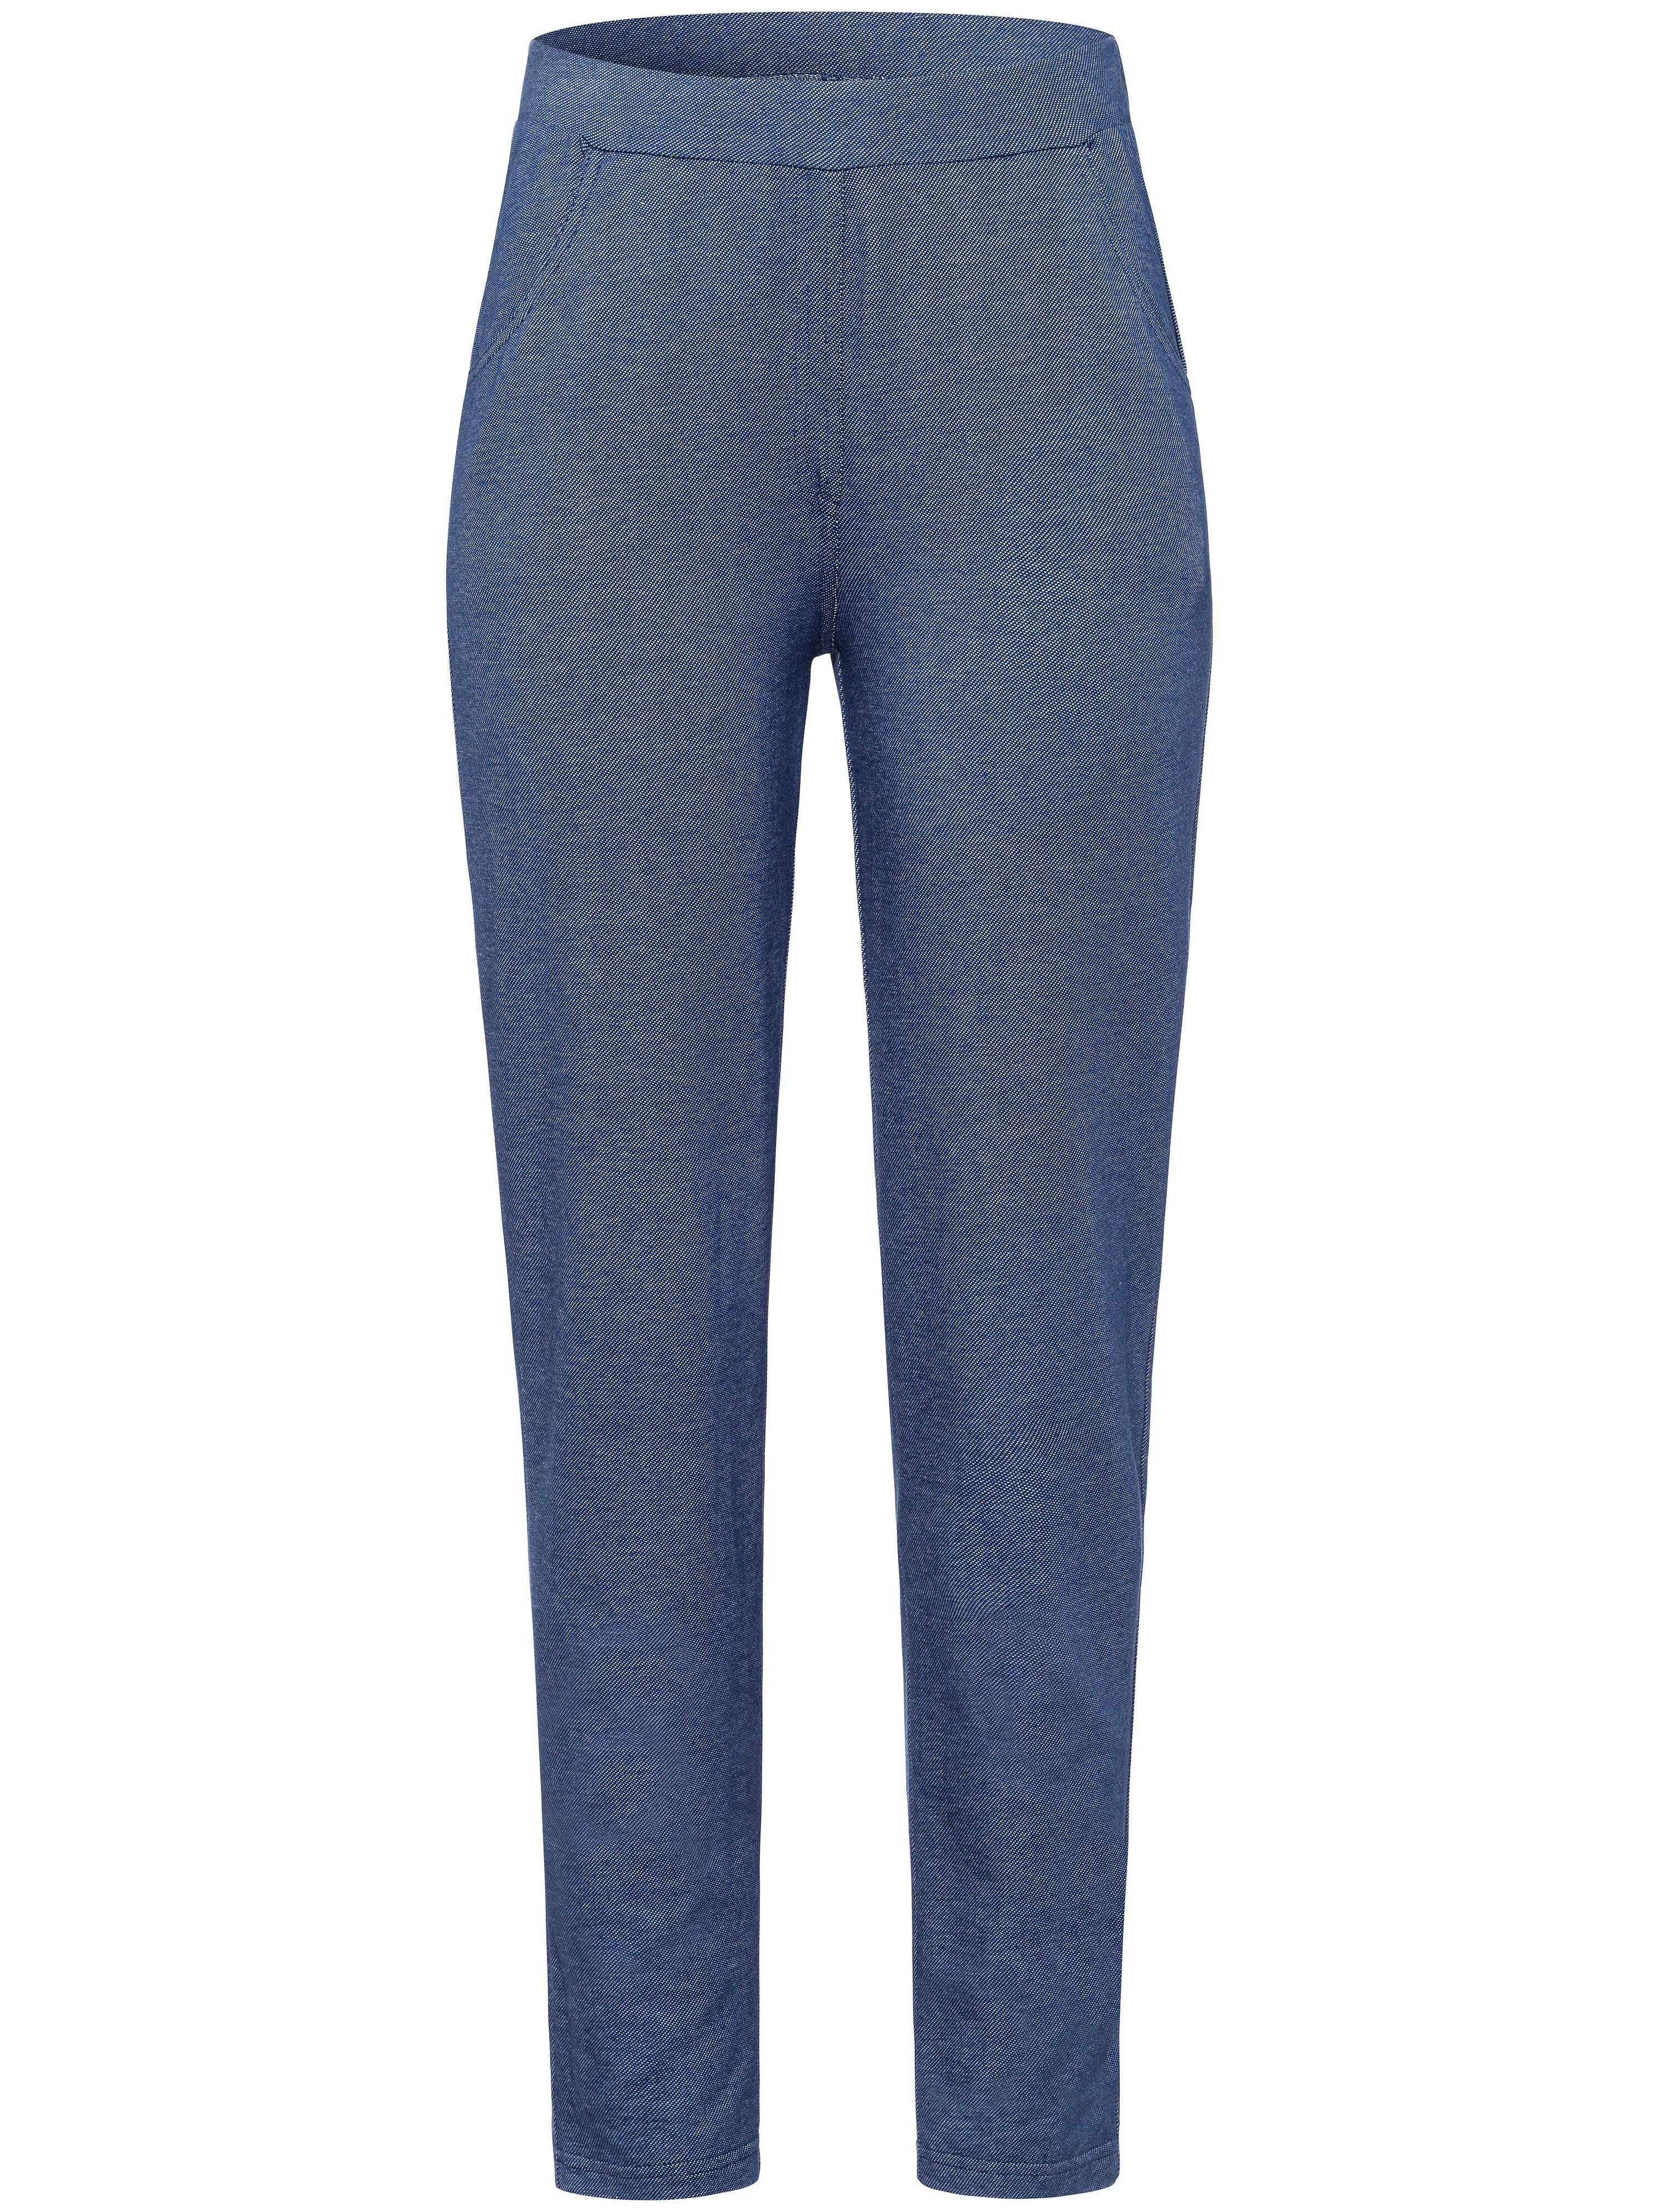 Green Cotton Le pantalon 7/8 aspect denim, ligne près du corps  Green Cotton denim  - Femme - 40